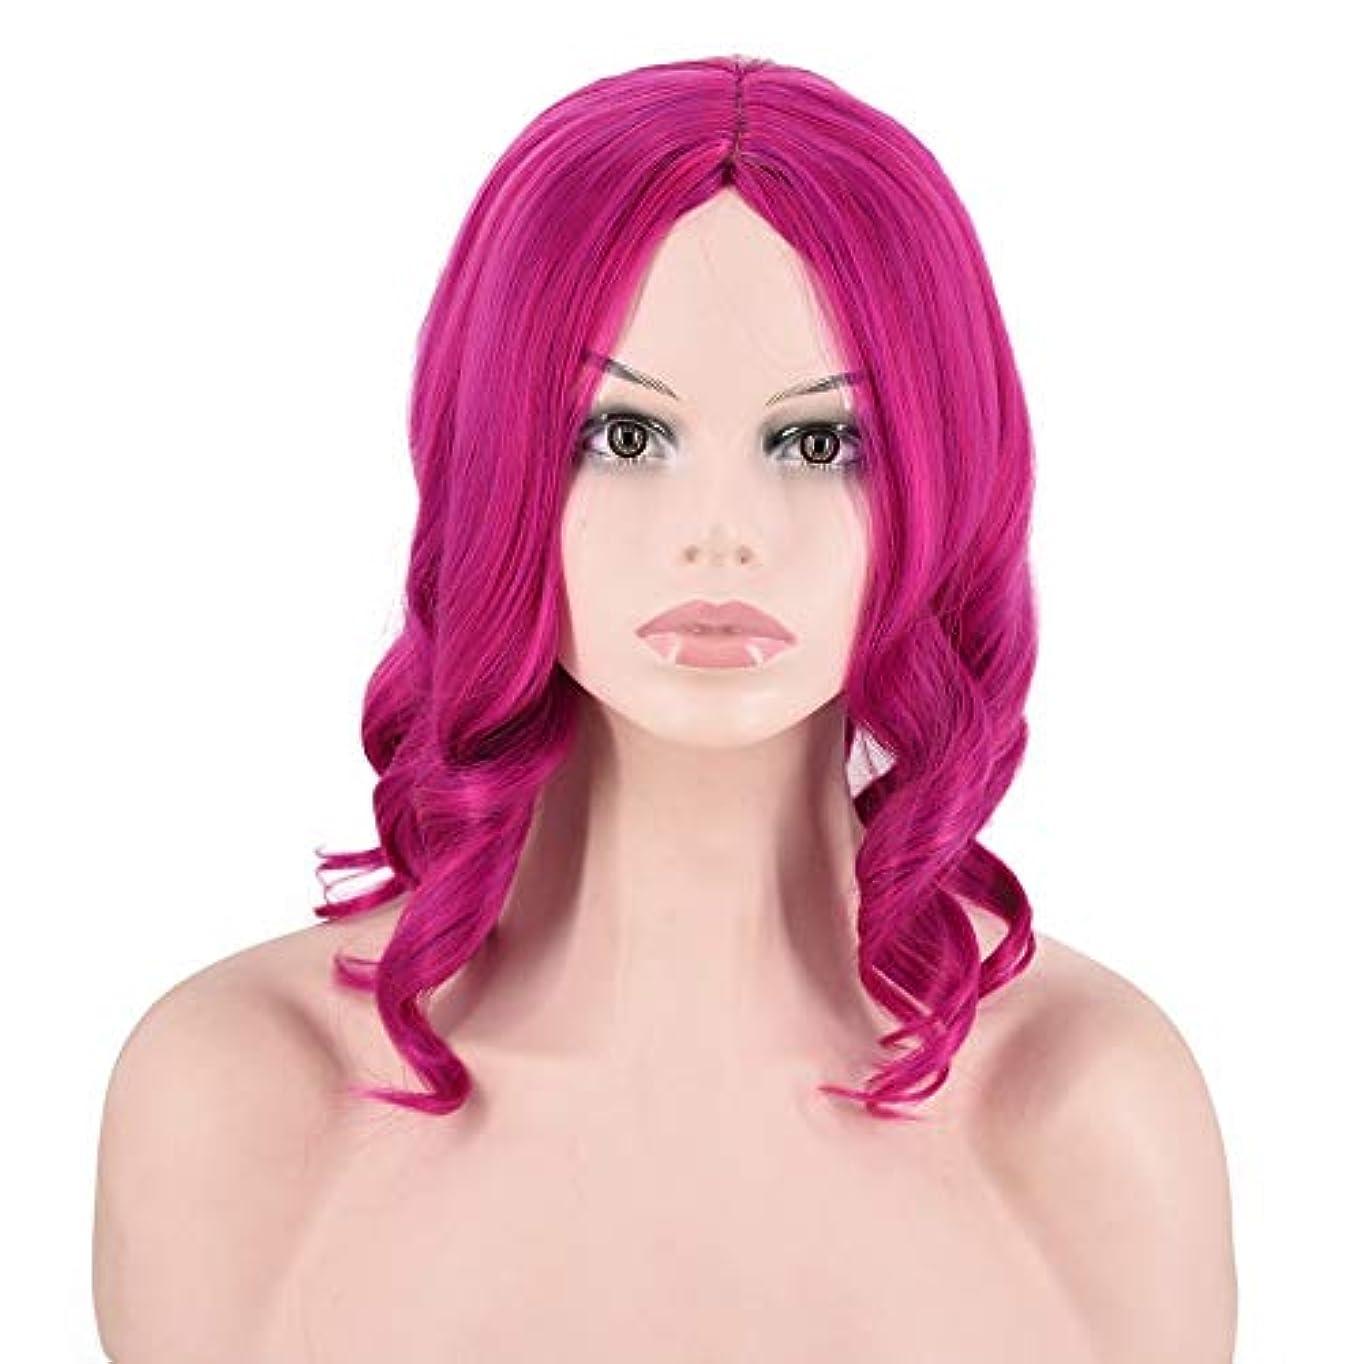 ミシン目おいしいめまいYOUQIU 女性のファッションの毎日髪のかつらのためにローズレッドコスプレウィッグカーリーボブヘアーウェーブスタイル (色 : Photo Color)